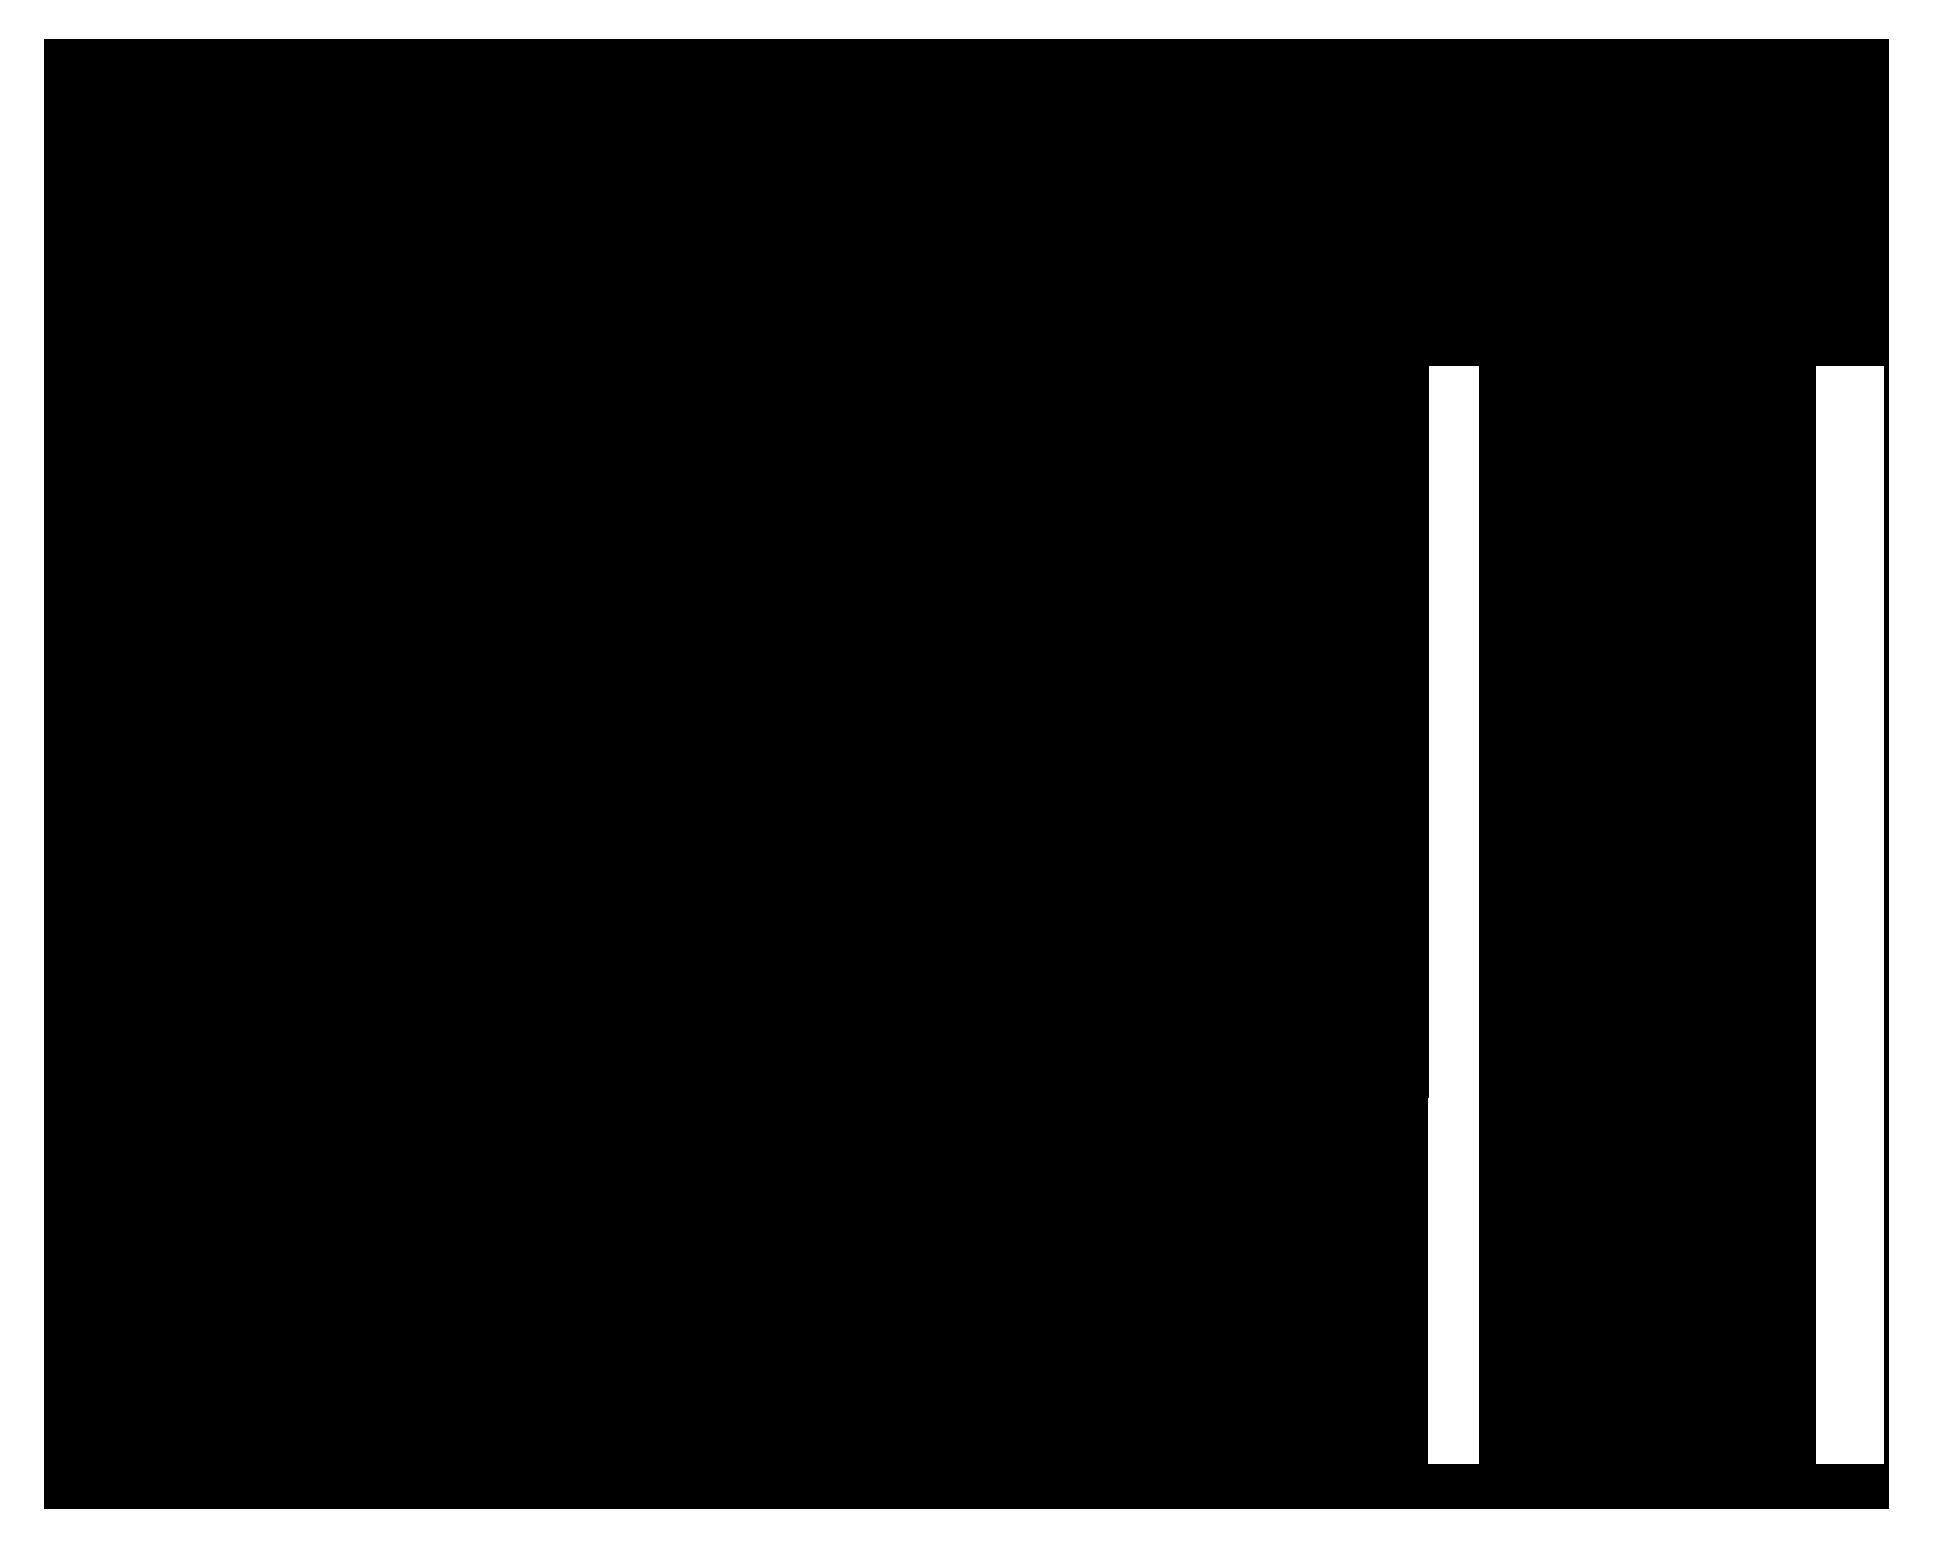 5-COMET-31